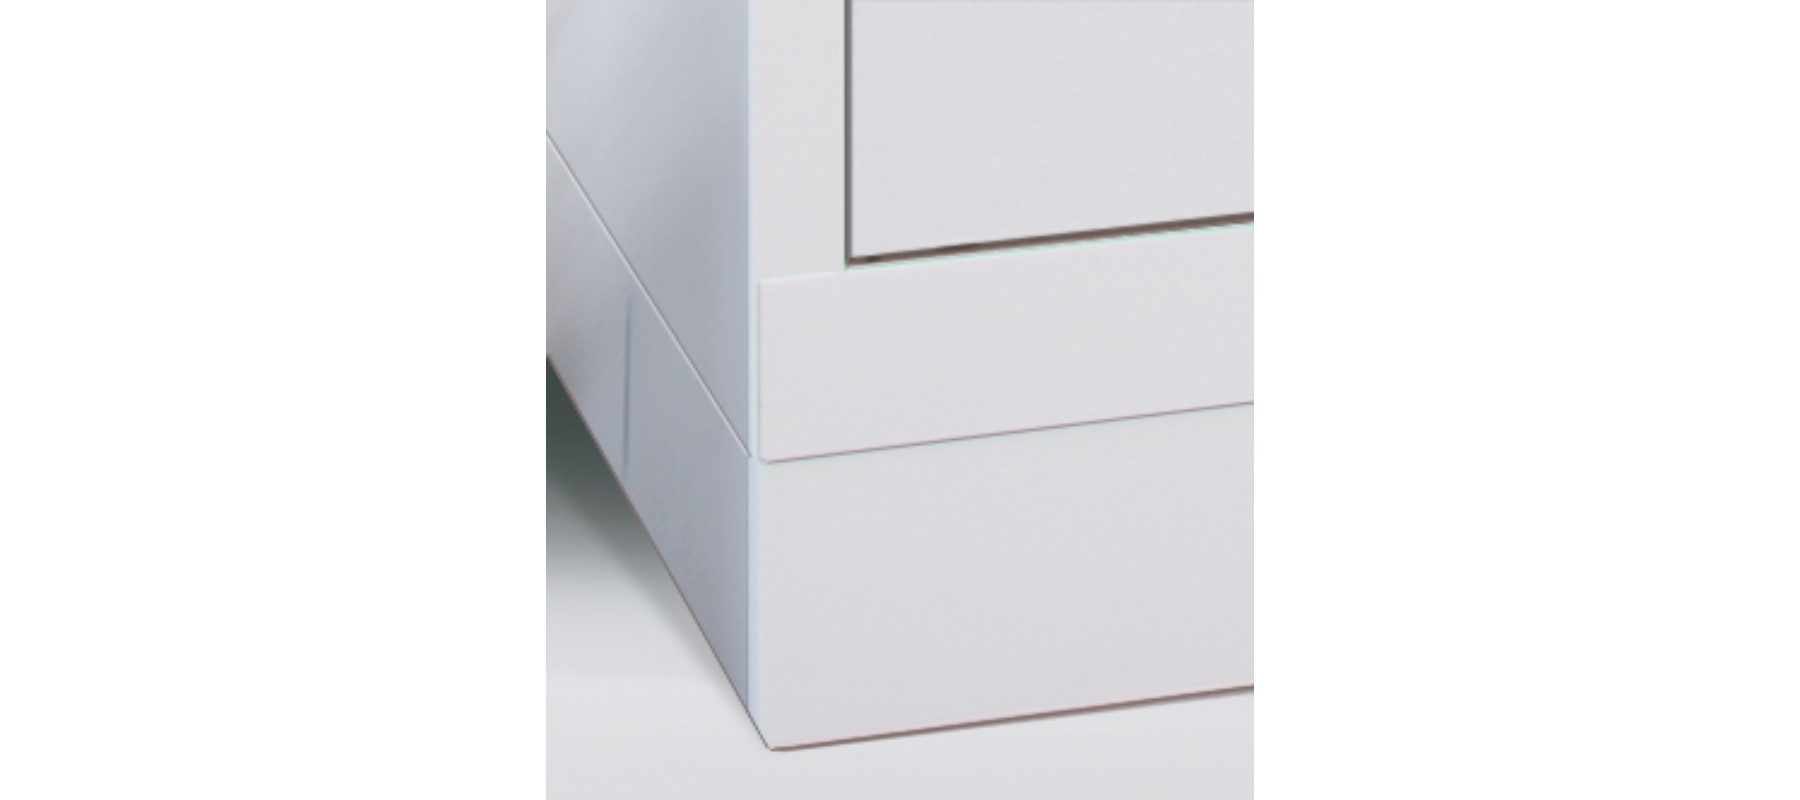 szatnie szafy schowkowe cp detale - 02